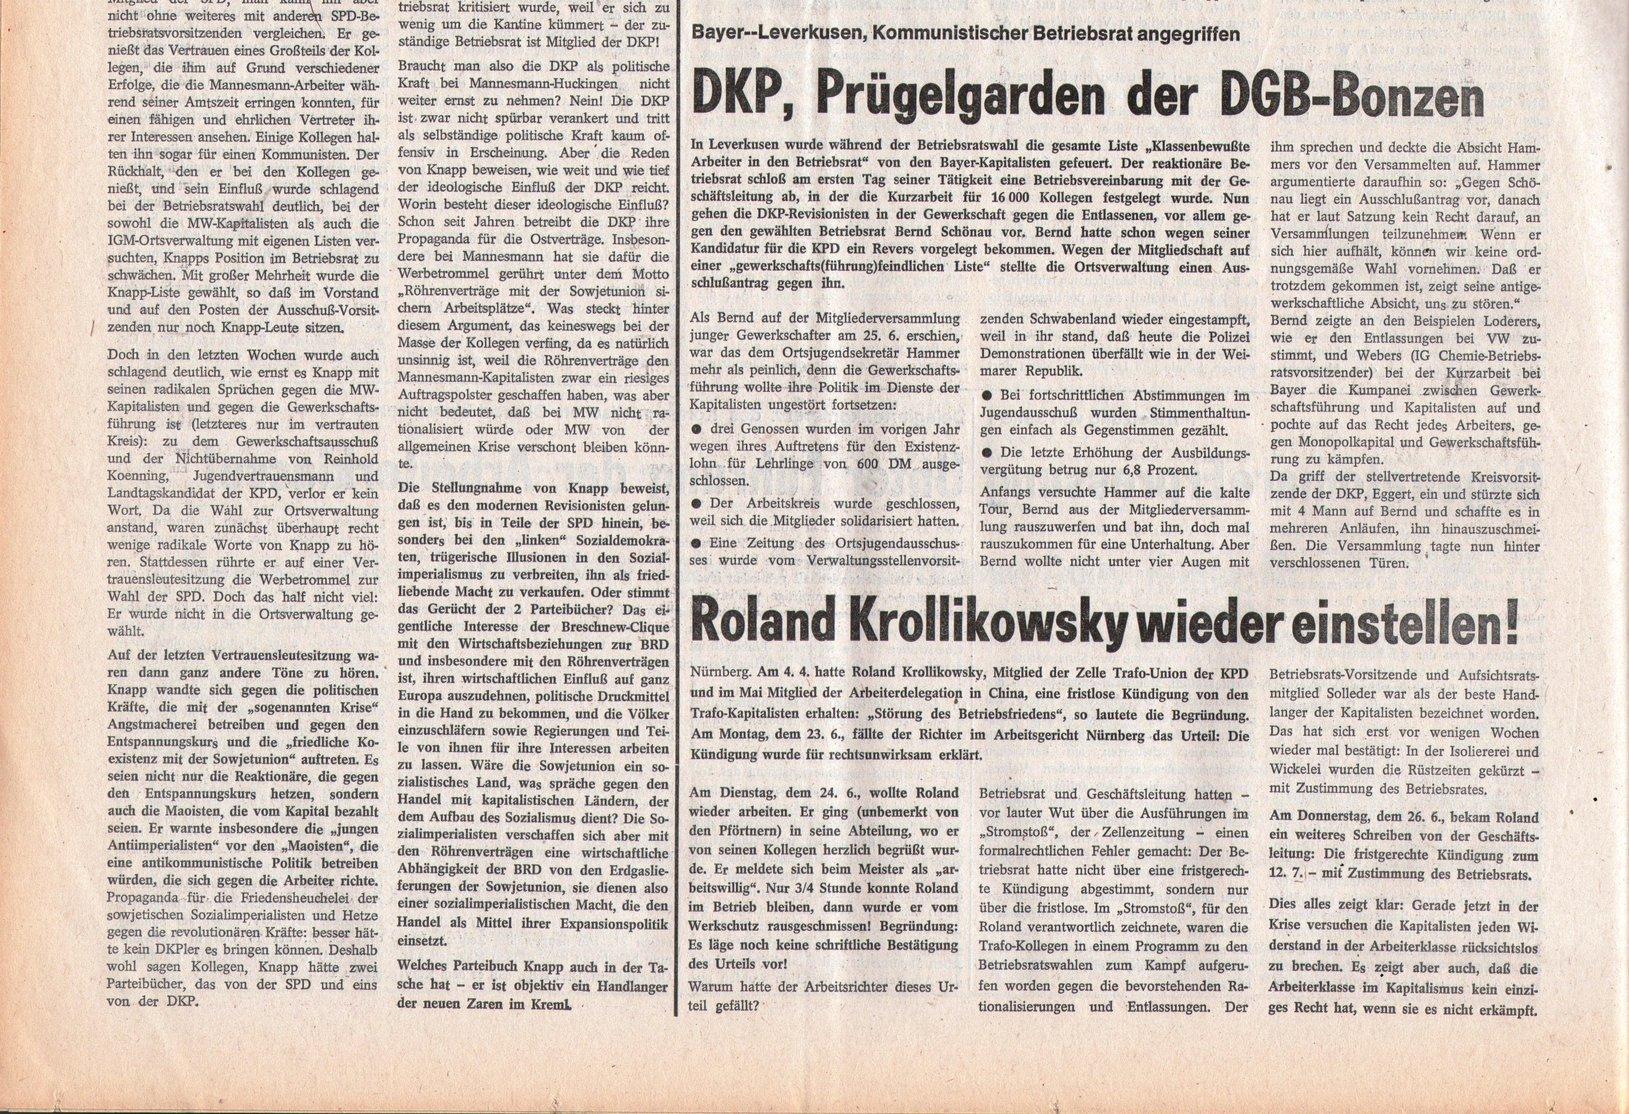 KPD_Rote_Fahne_1975_27_08